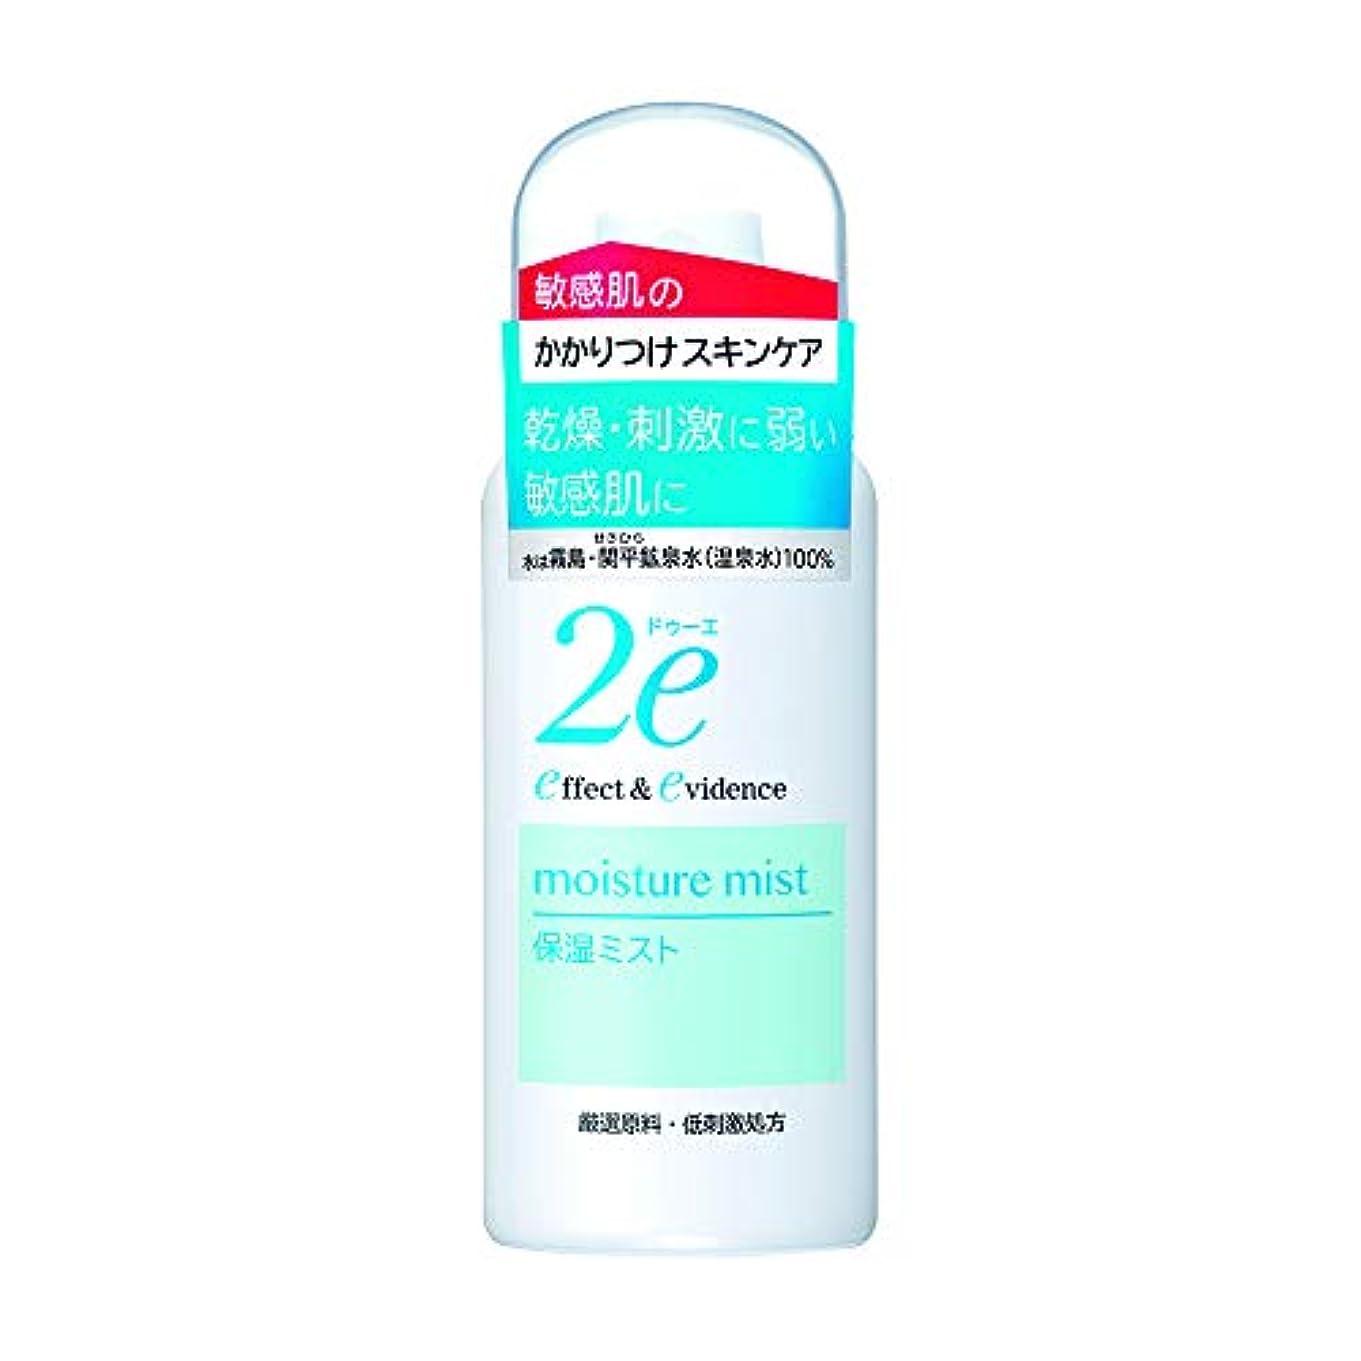 表向き大陸予防接種する2e(ドゥーエ) 保湿ミスト 携帯用 敏感肌用化粧水 スプレータイプ 低刺激処方 50g